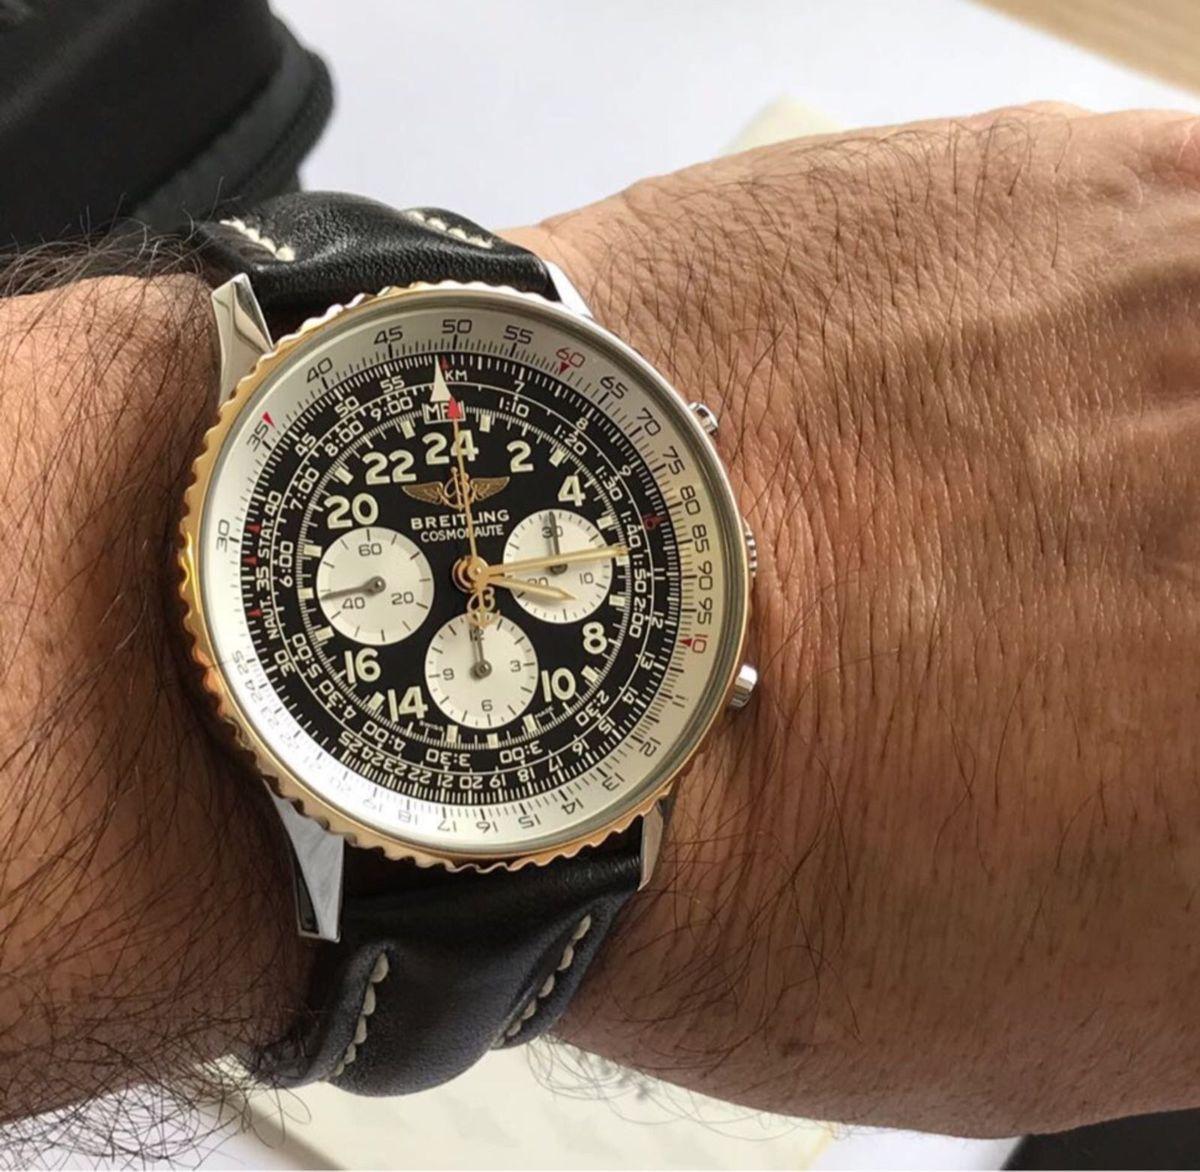 24f13fce495 raro relógio breitling - relógios breitling.  Czm6ly9wag90b3muzw5qb2vplmnvbs5ici9wcm9kdwn0cy83oda0njy2lzljmtk3ndi3zdhknjg0mtqxnzjjzmrhy2mxy2finmmylmpwzw  ...